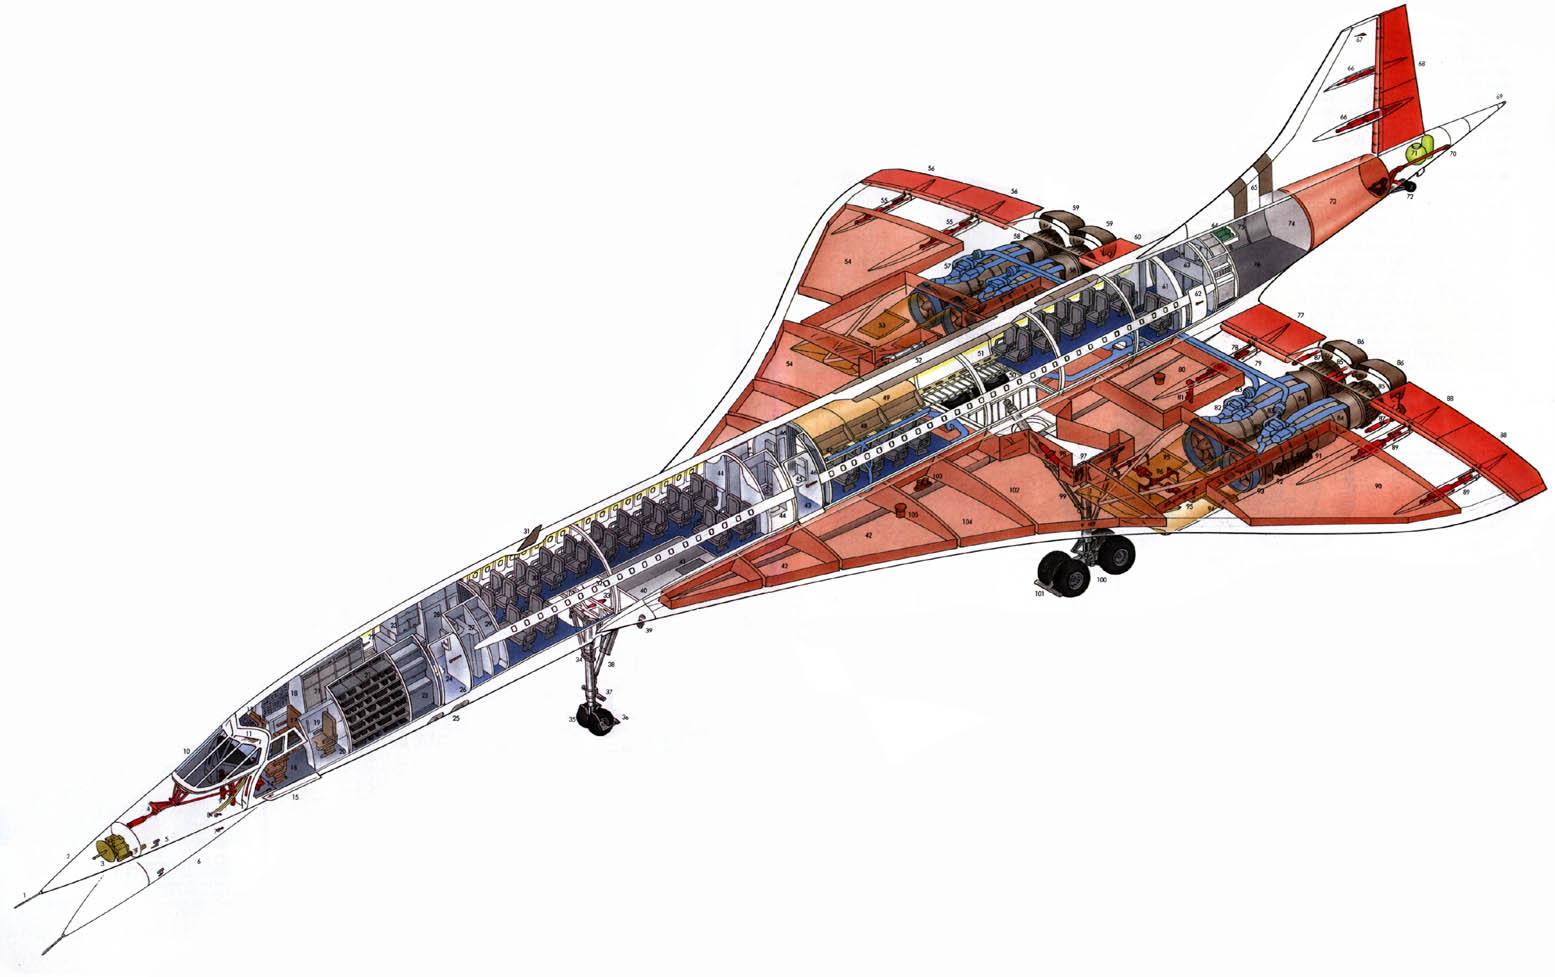 Concorde Sst Inside Concorde Hi Res